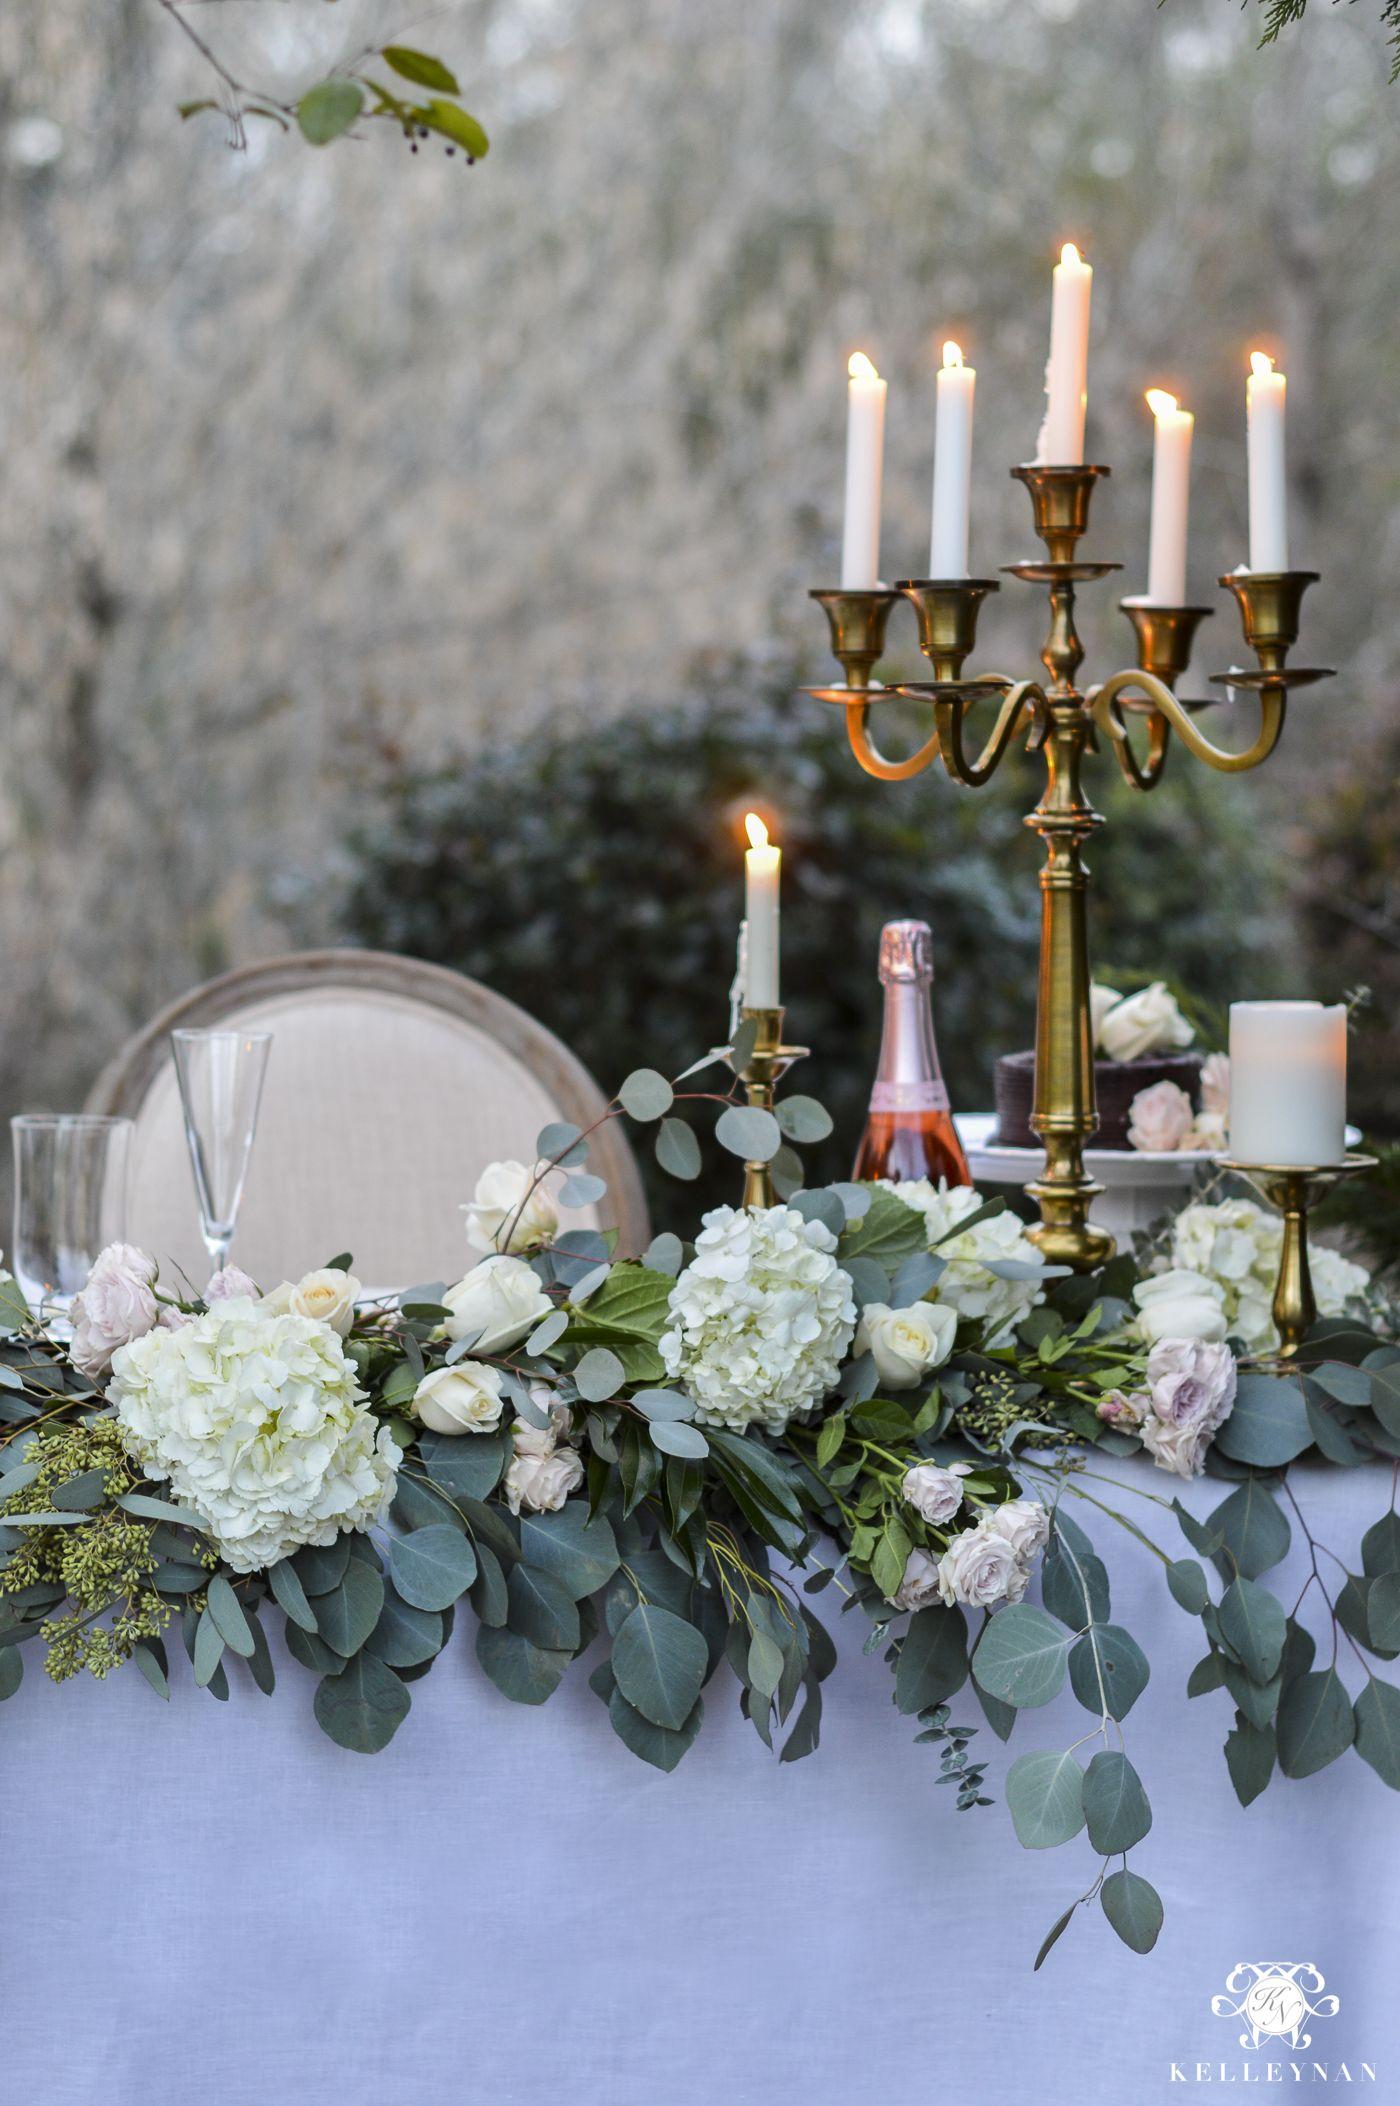 Stylish wedding reception head table | Wedding table ...  |Outdoor Wedding Reception Head Table